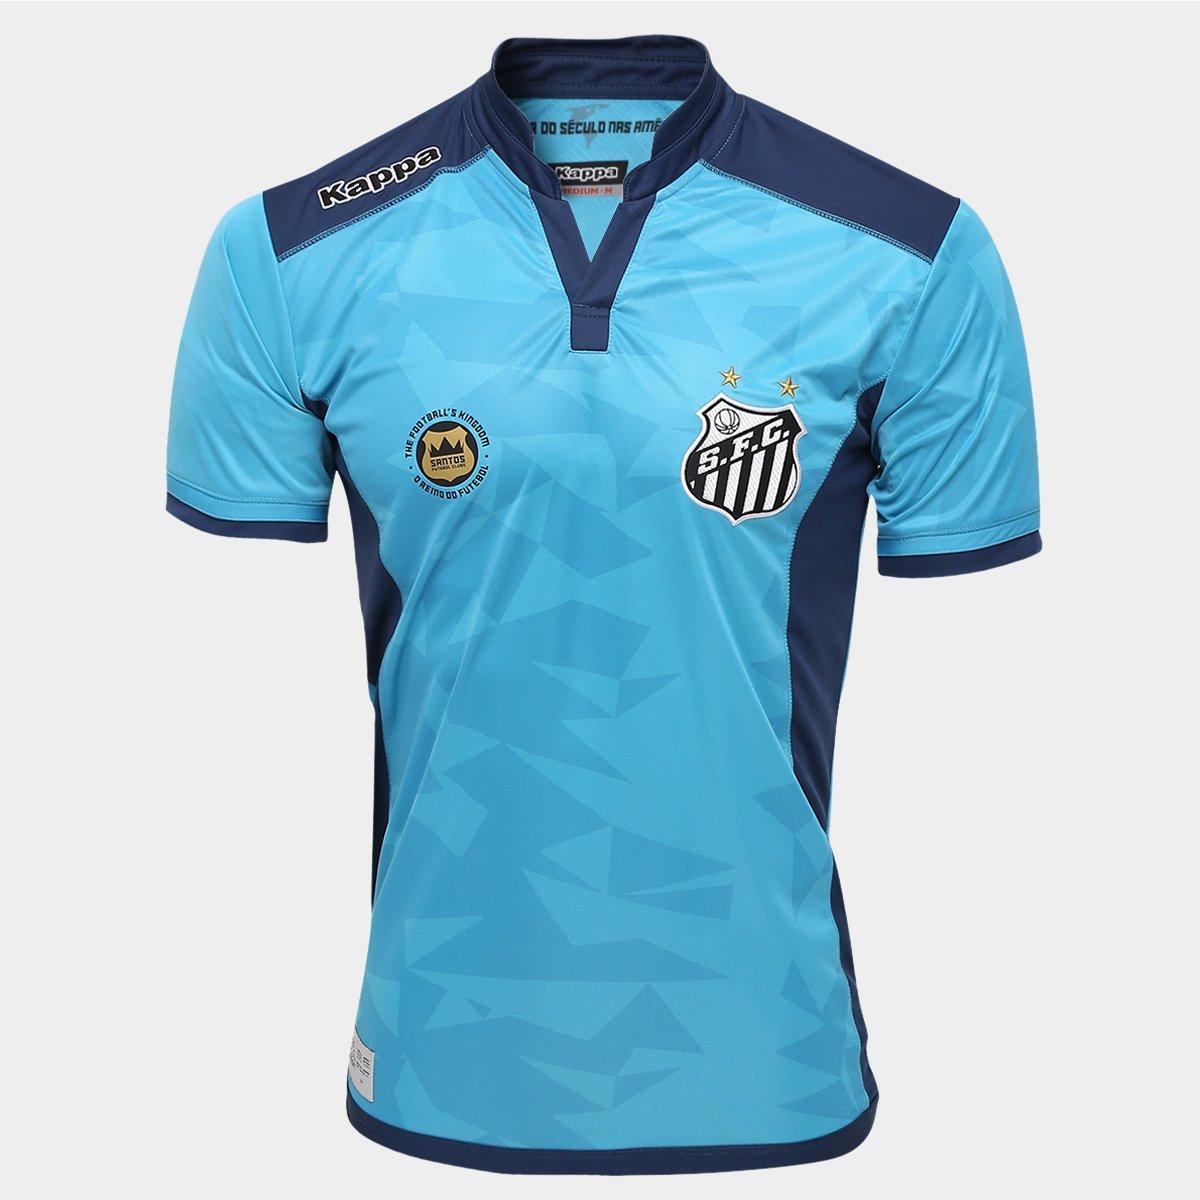 f1ba39db0d Camisa Santos Goleiro III 2016 s nº - Torcedor Kappa Masculina - Compre  Agora